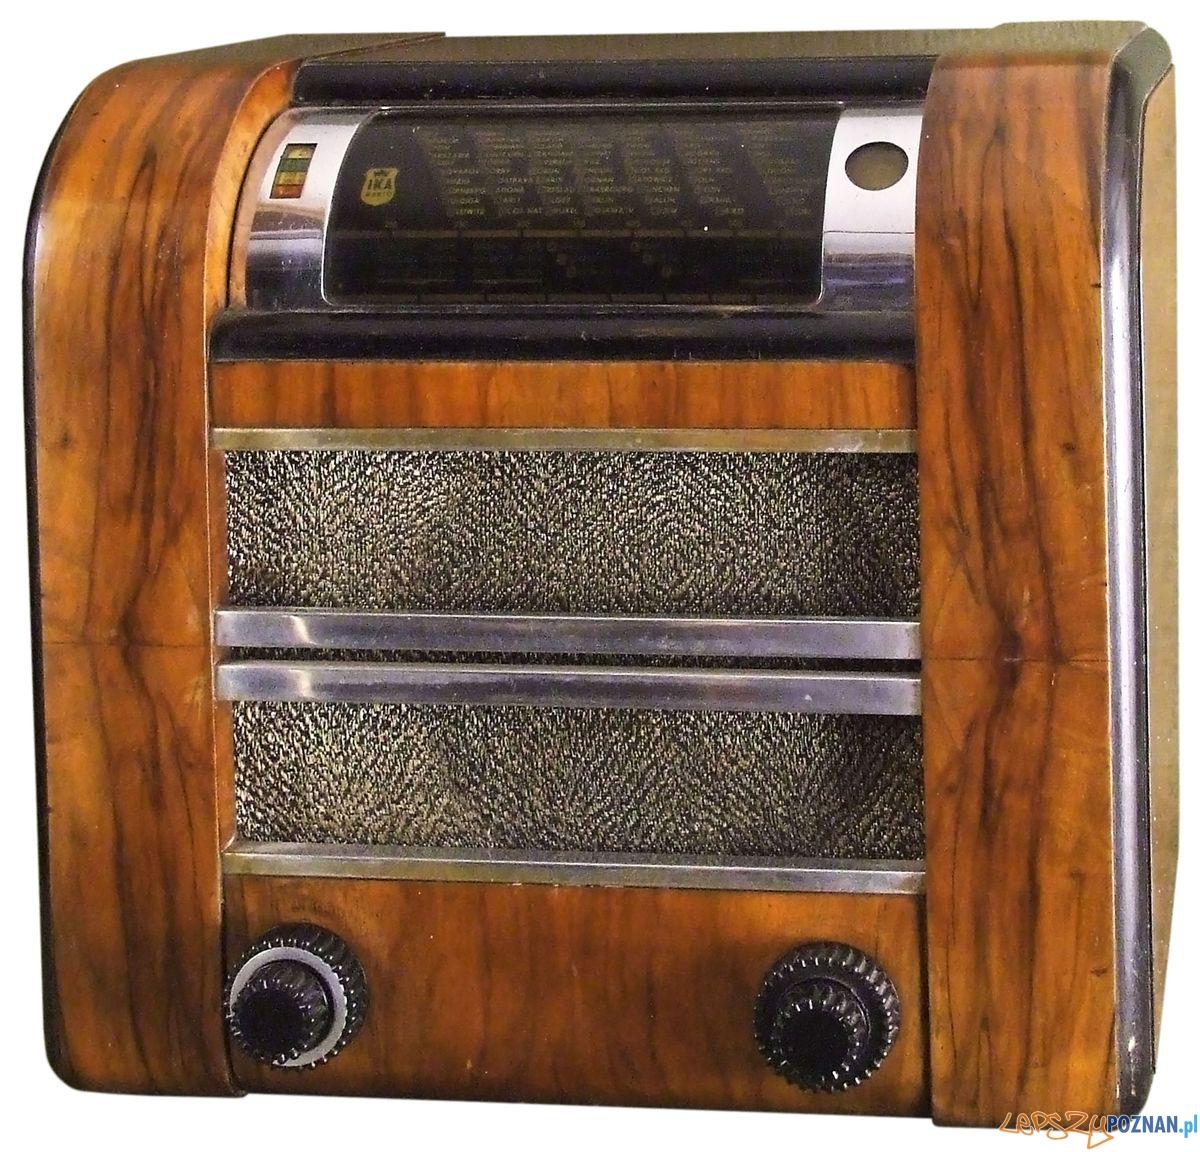 Radioodbiornik PL IKA 67 Z 1937 r. z kolekcji Jacka Bochińskiego  Foto: MNP